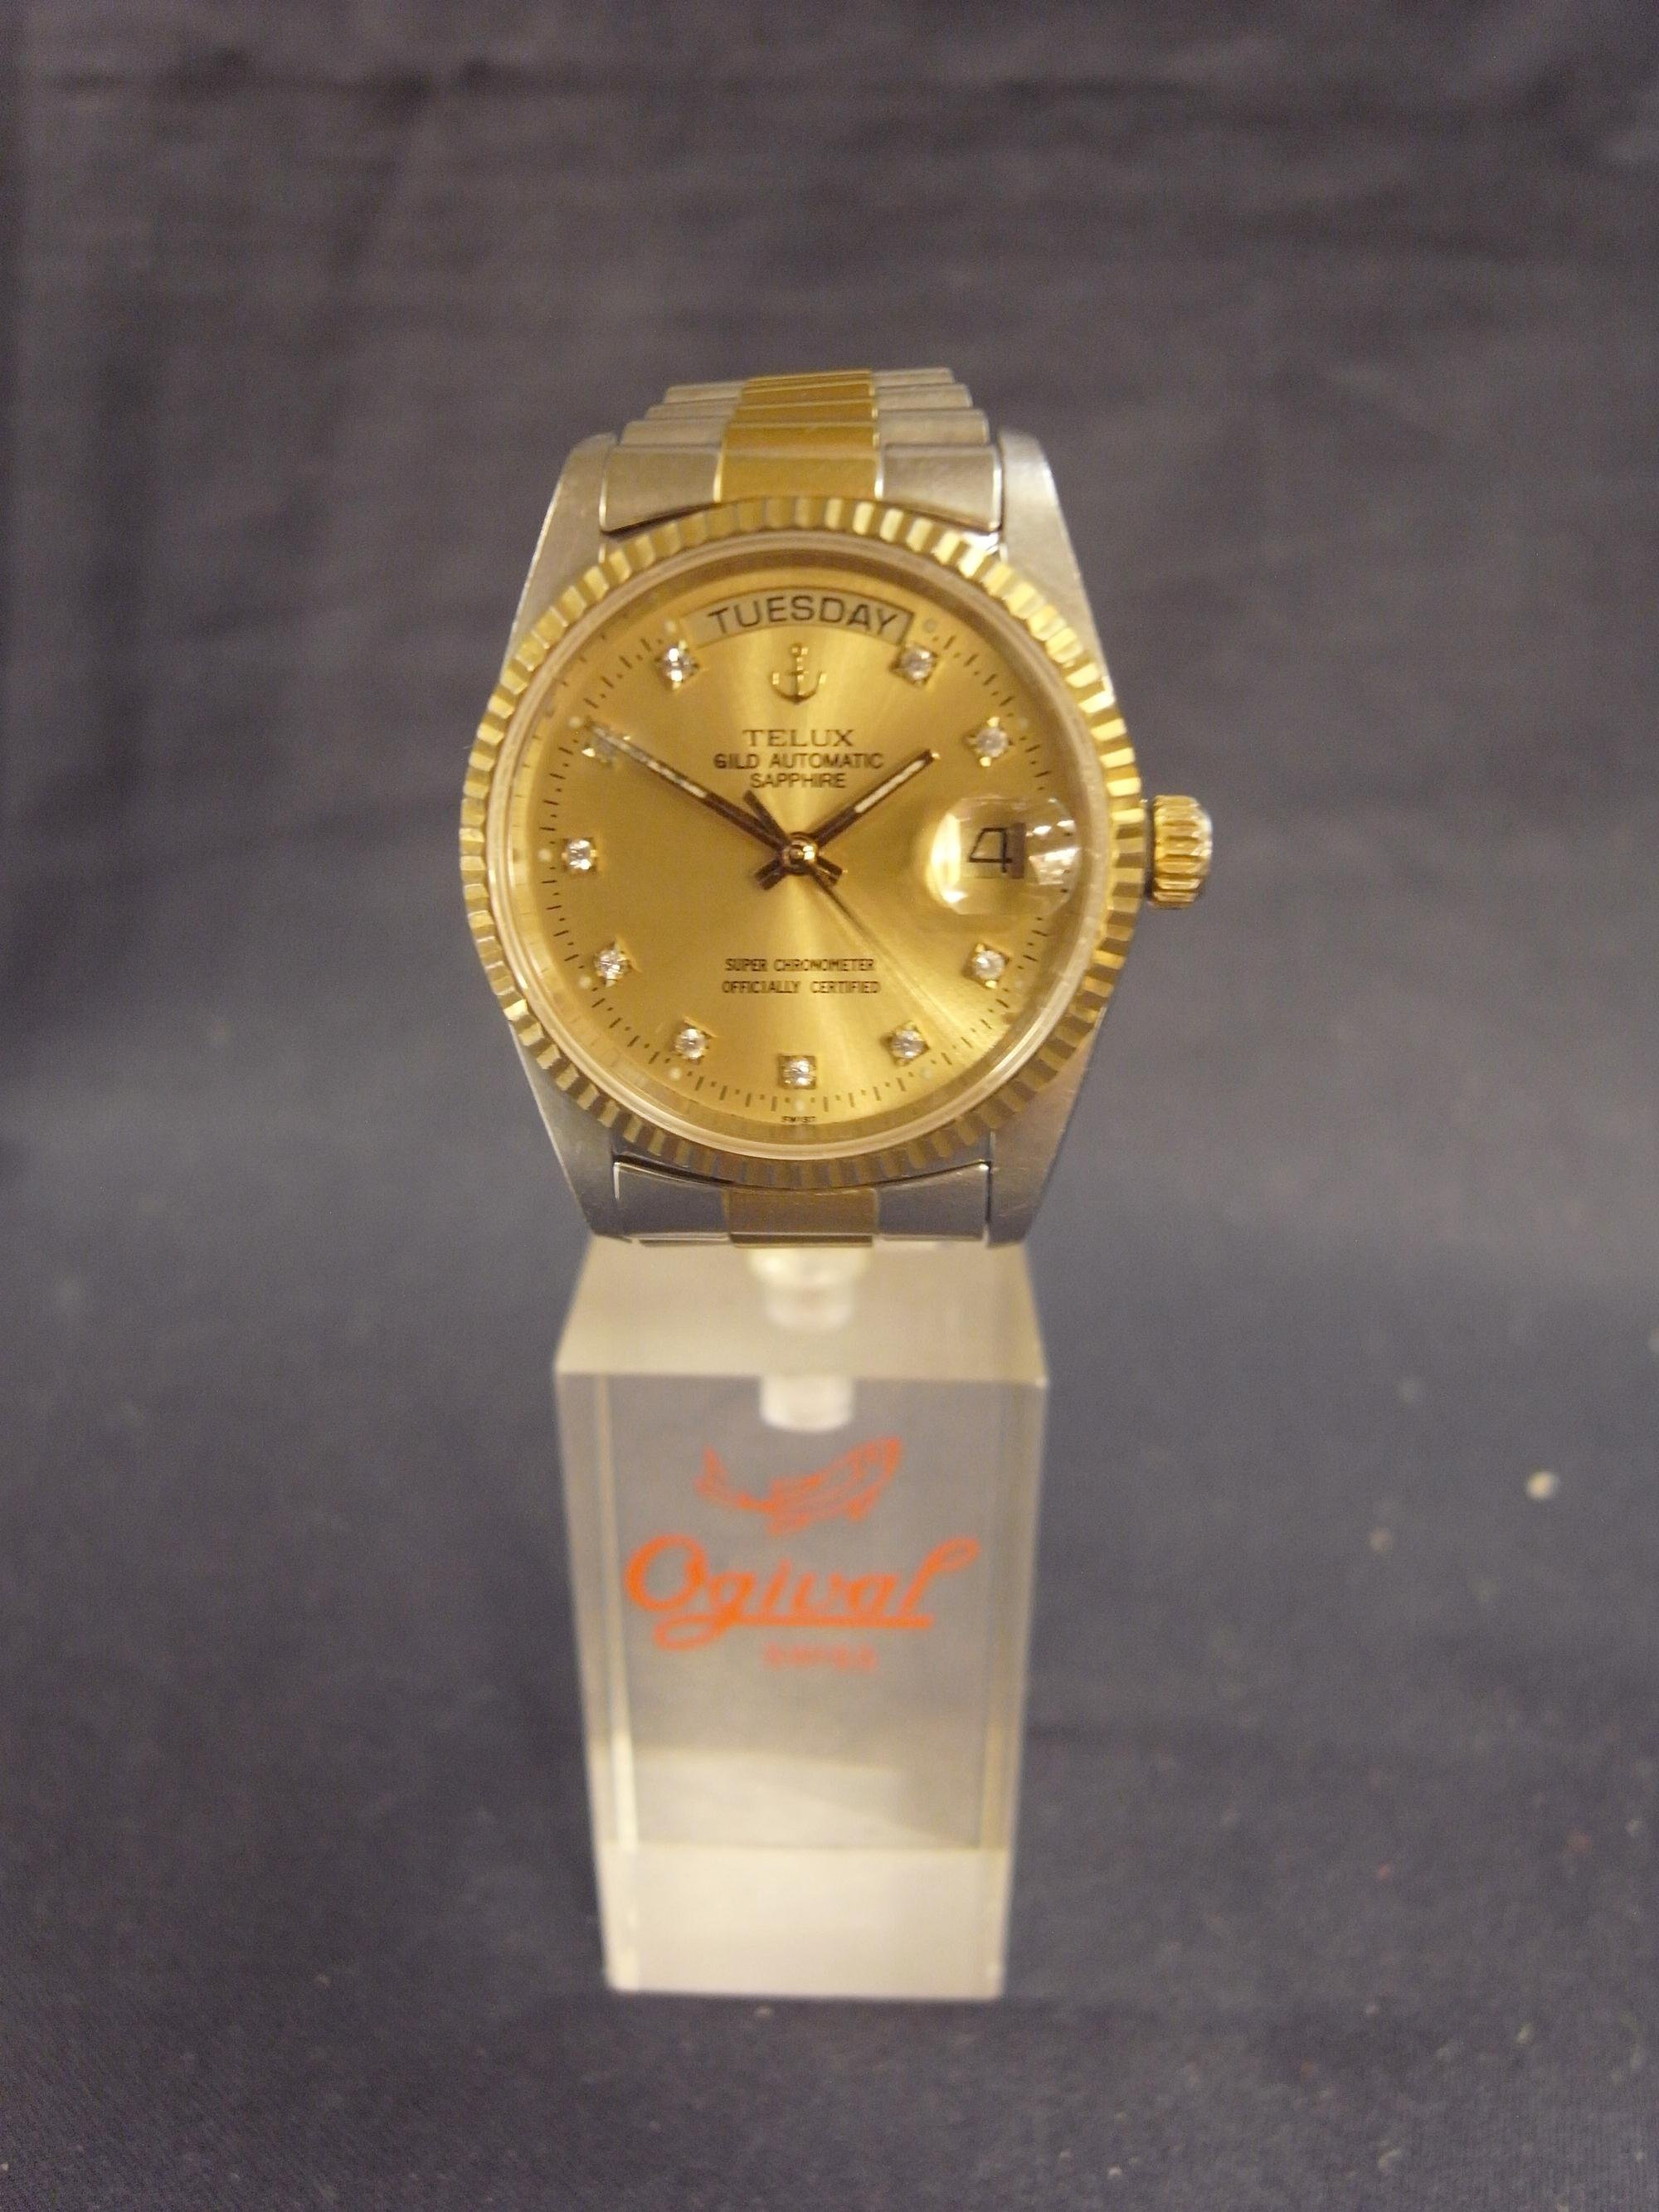 +*阿威的藏寶箱‧*【瑞士機芯 Telux 鐵力士 GILD AUTOMATIC SAPPHIRE 自動手錶 防水 】